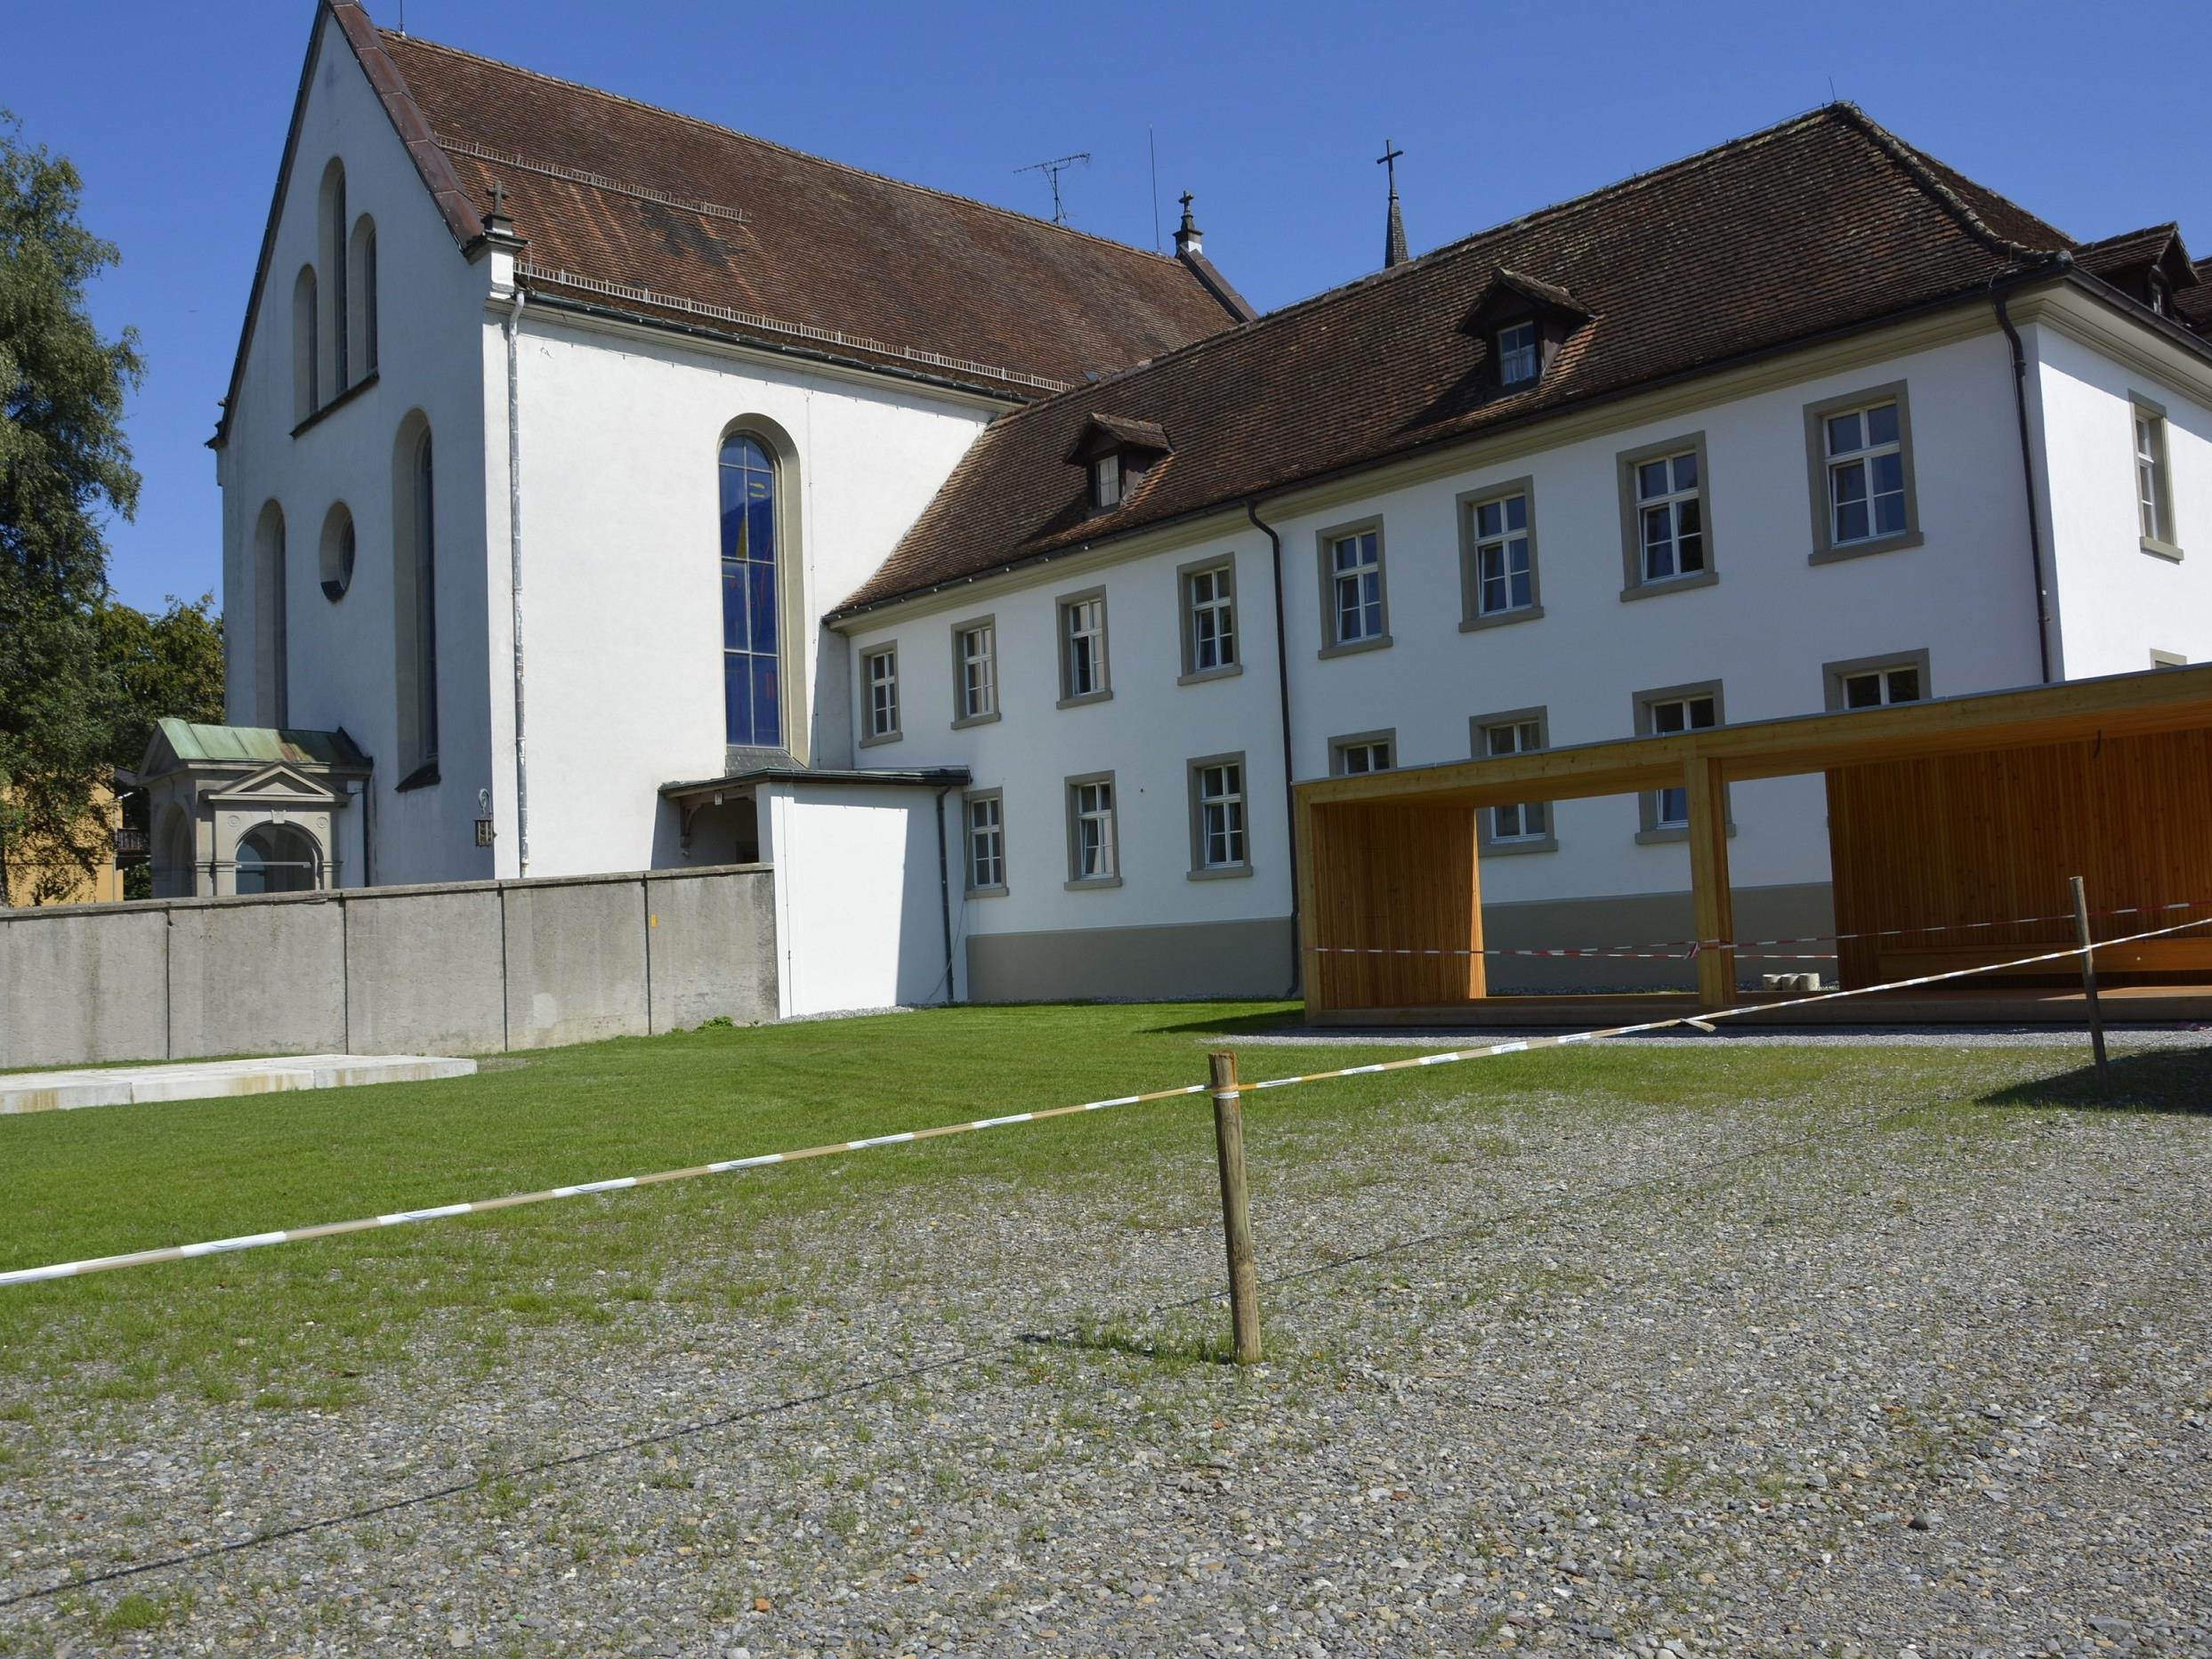 Das Franziskanerkloster zeigt sich zur Marktstraße hin in strahlendem Glanz.